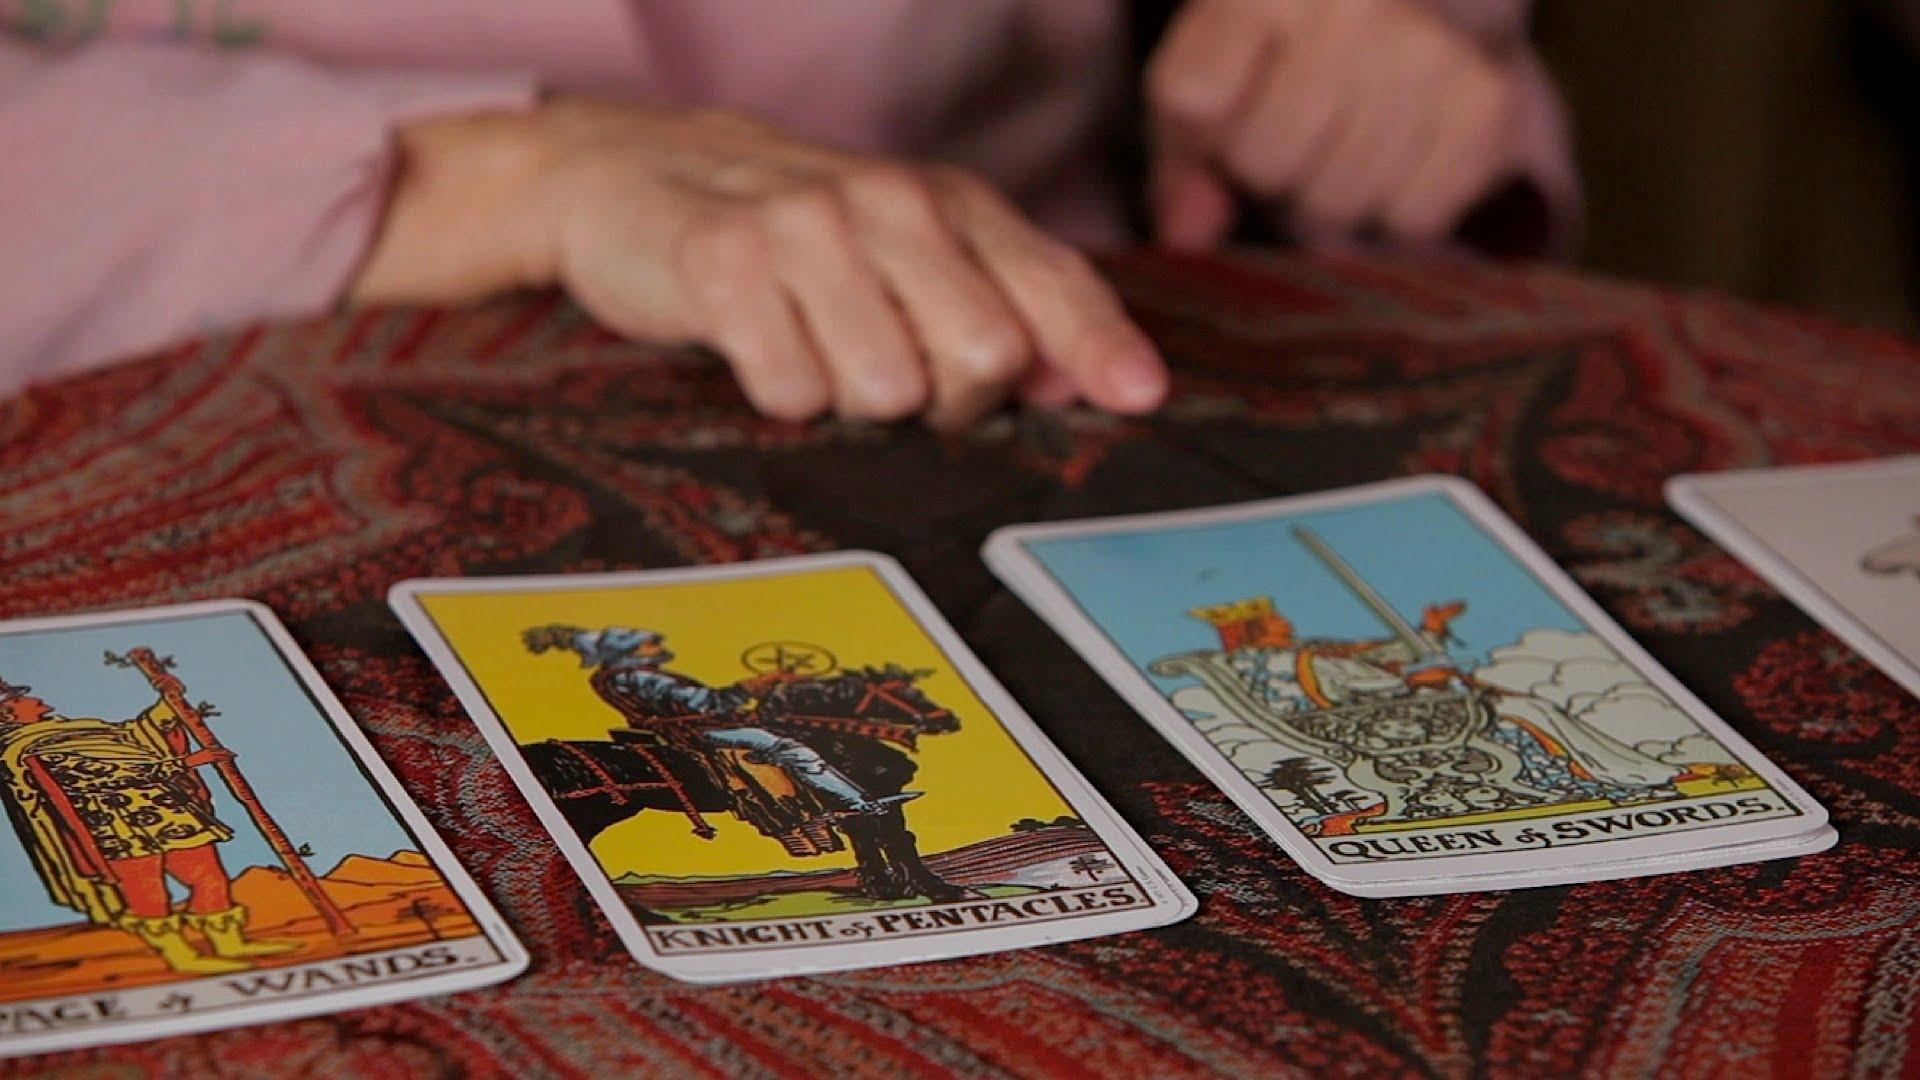 Гадание на картах таро: предсказание судьбы по инструкции - hi-news.ru